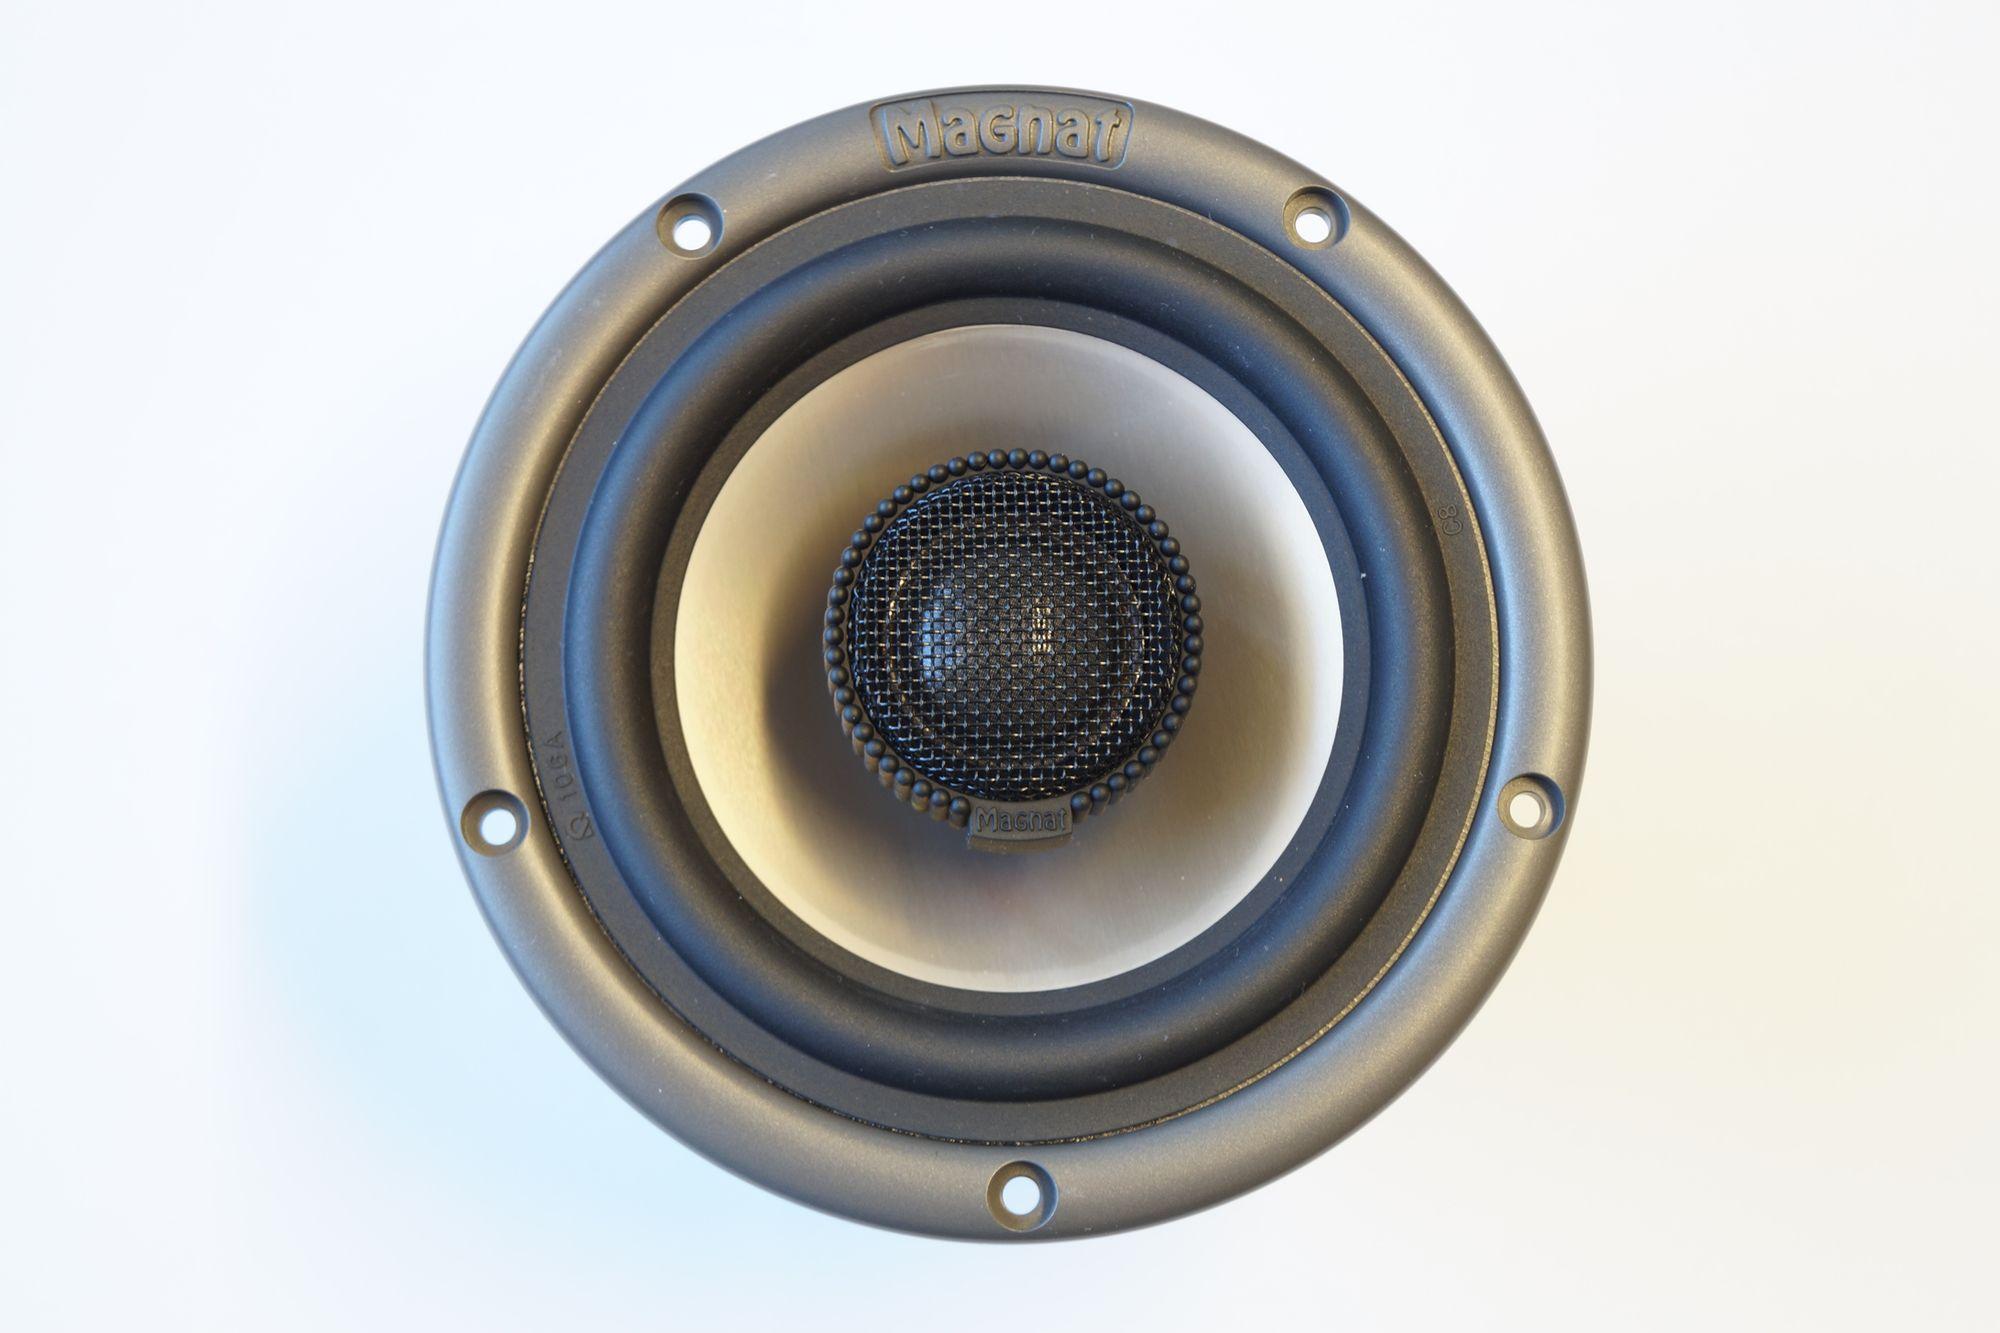 1 Stück 135 mm 2-Wege Koax Magnat MCO ABS 135 AL 485 S 150 Watt max., NEU – Bild 1